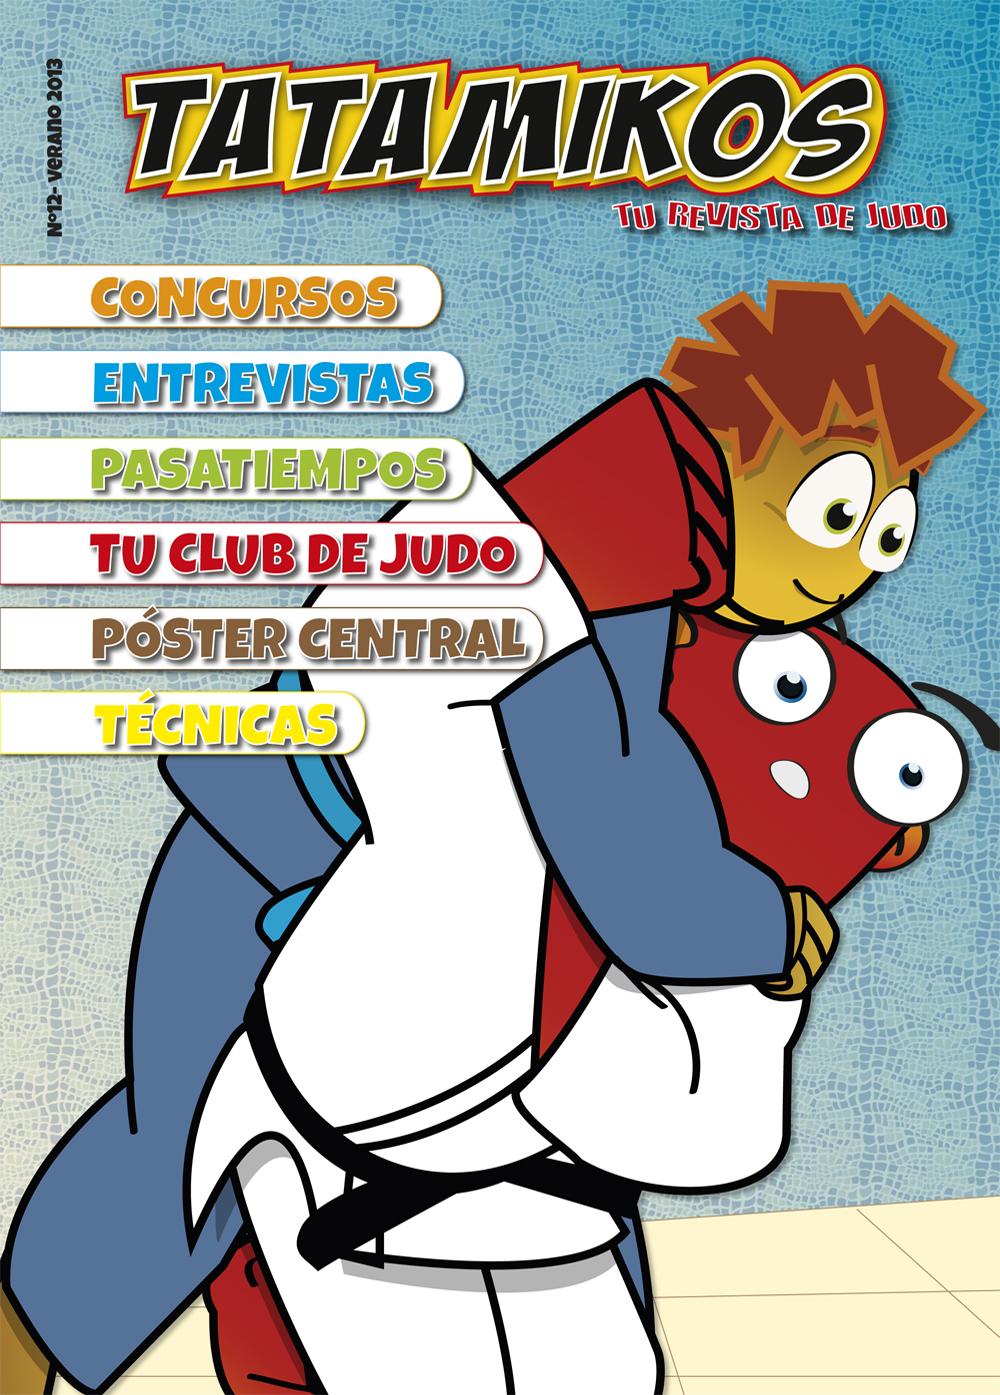 Revista nº 1 - 2013